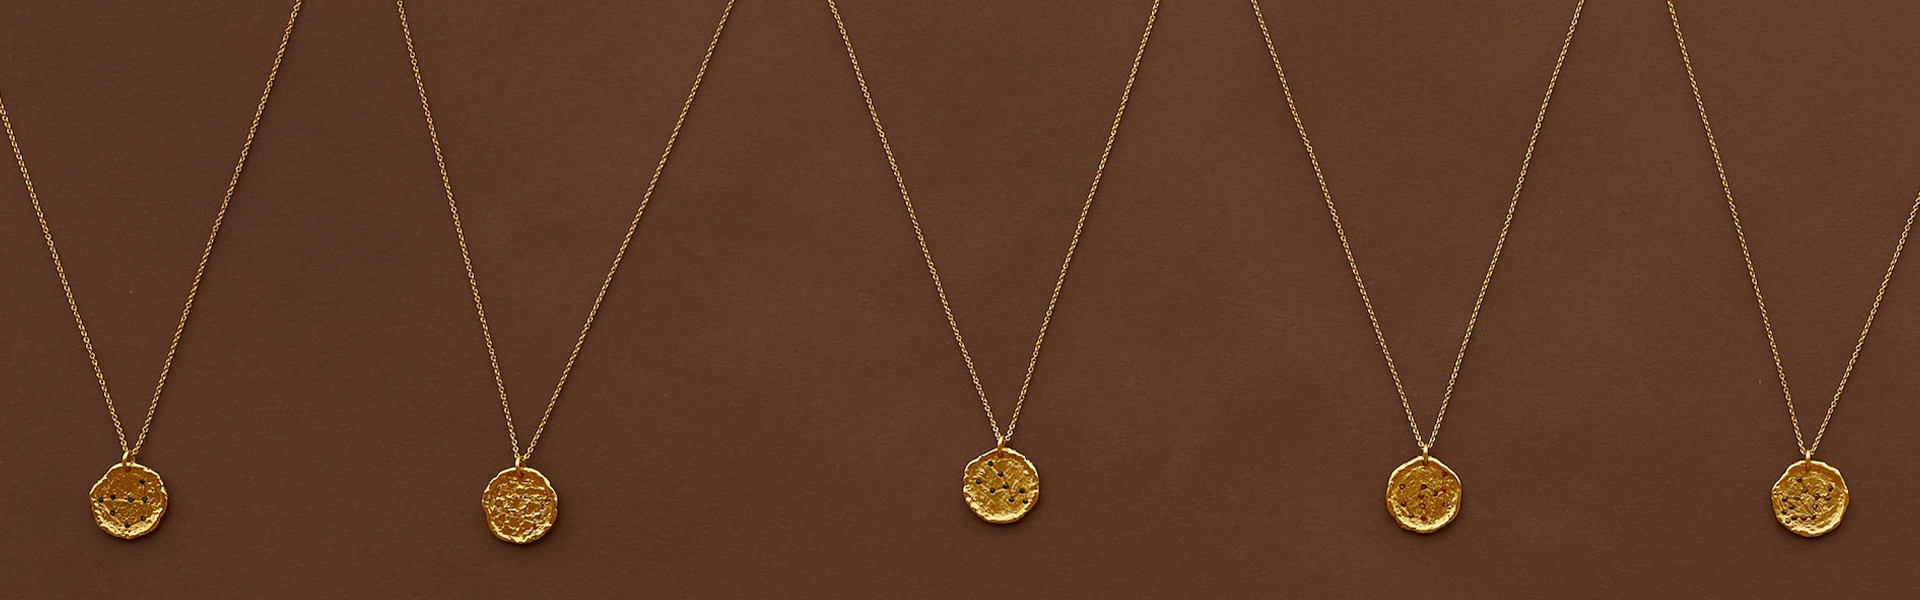 Ова лето носиме ланчиња со хороскопски знаци од Манго!